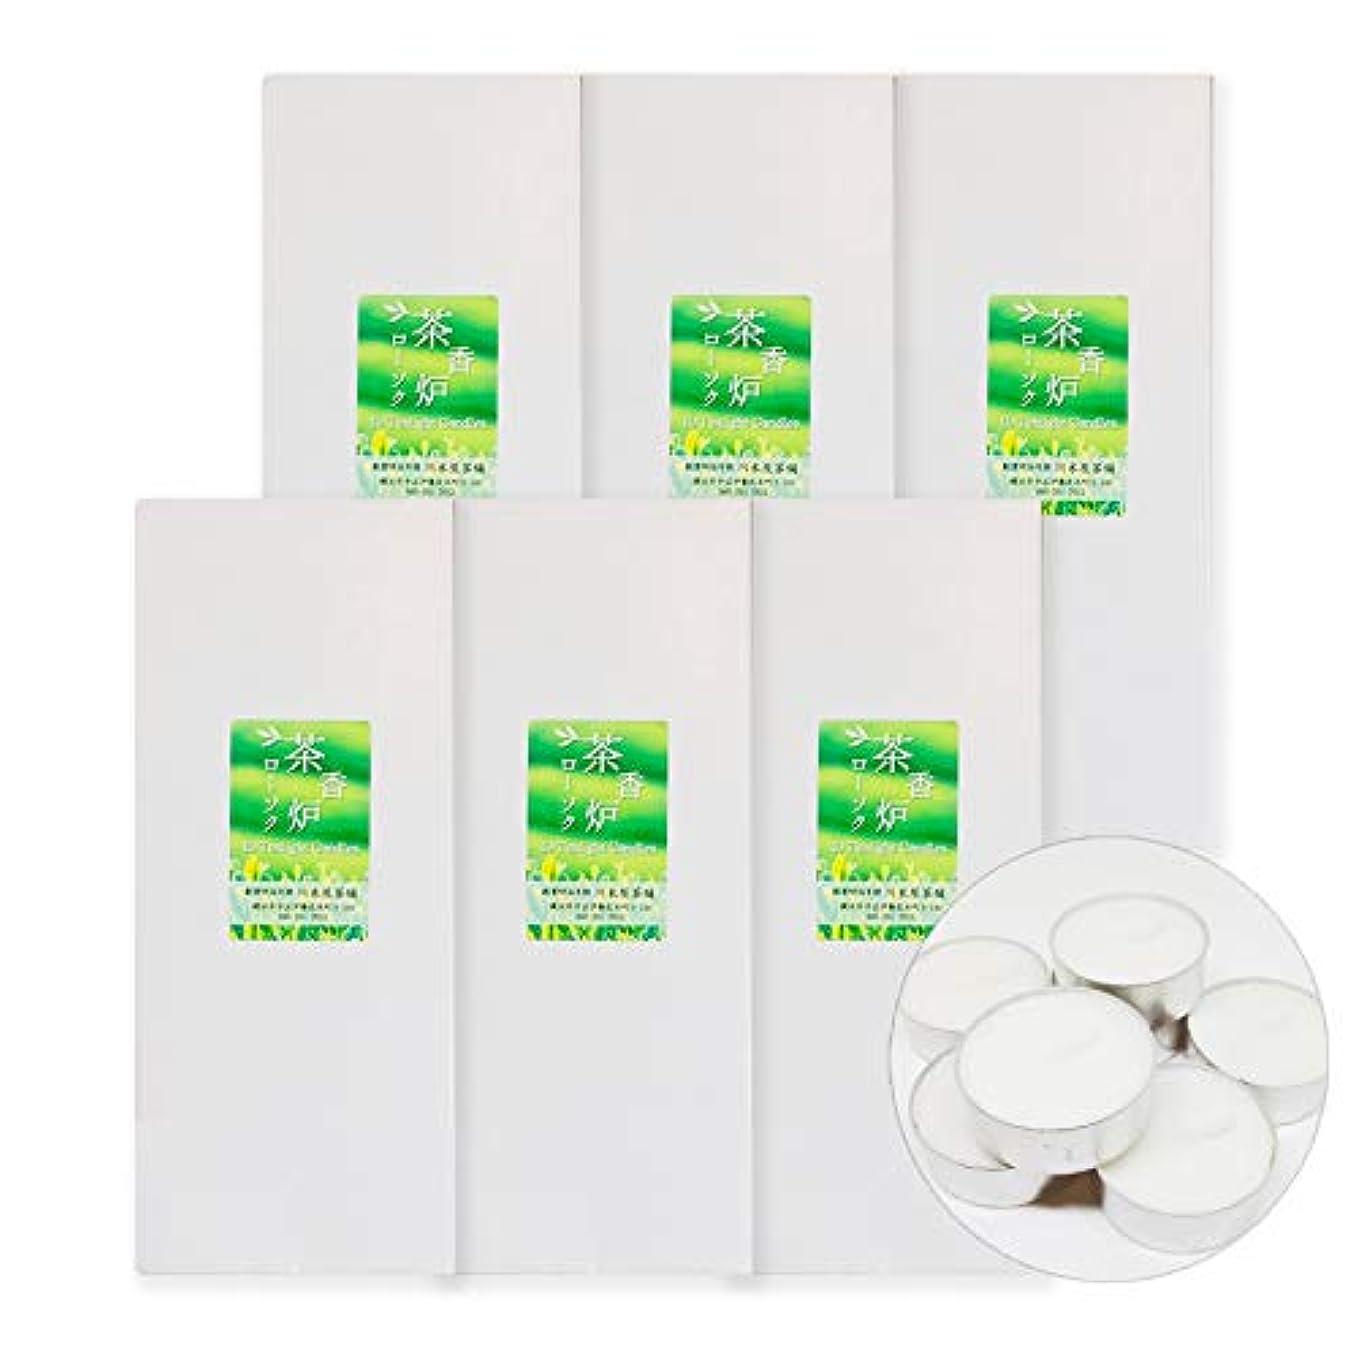 運ぶ誘導竜巻茶香炉専用 ろうそく キャンドル 10個入り 川本屋茶舗 (6箱)